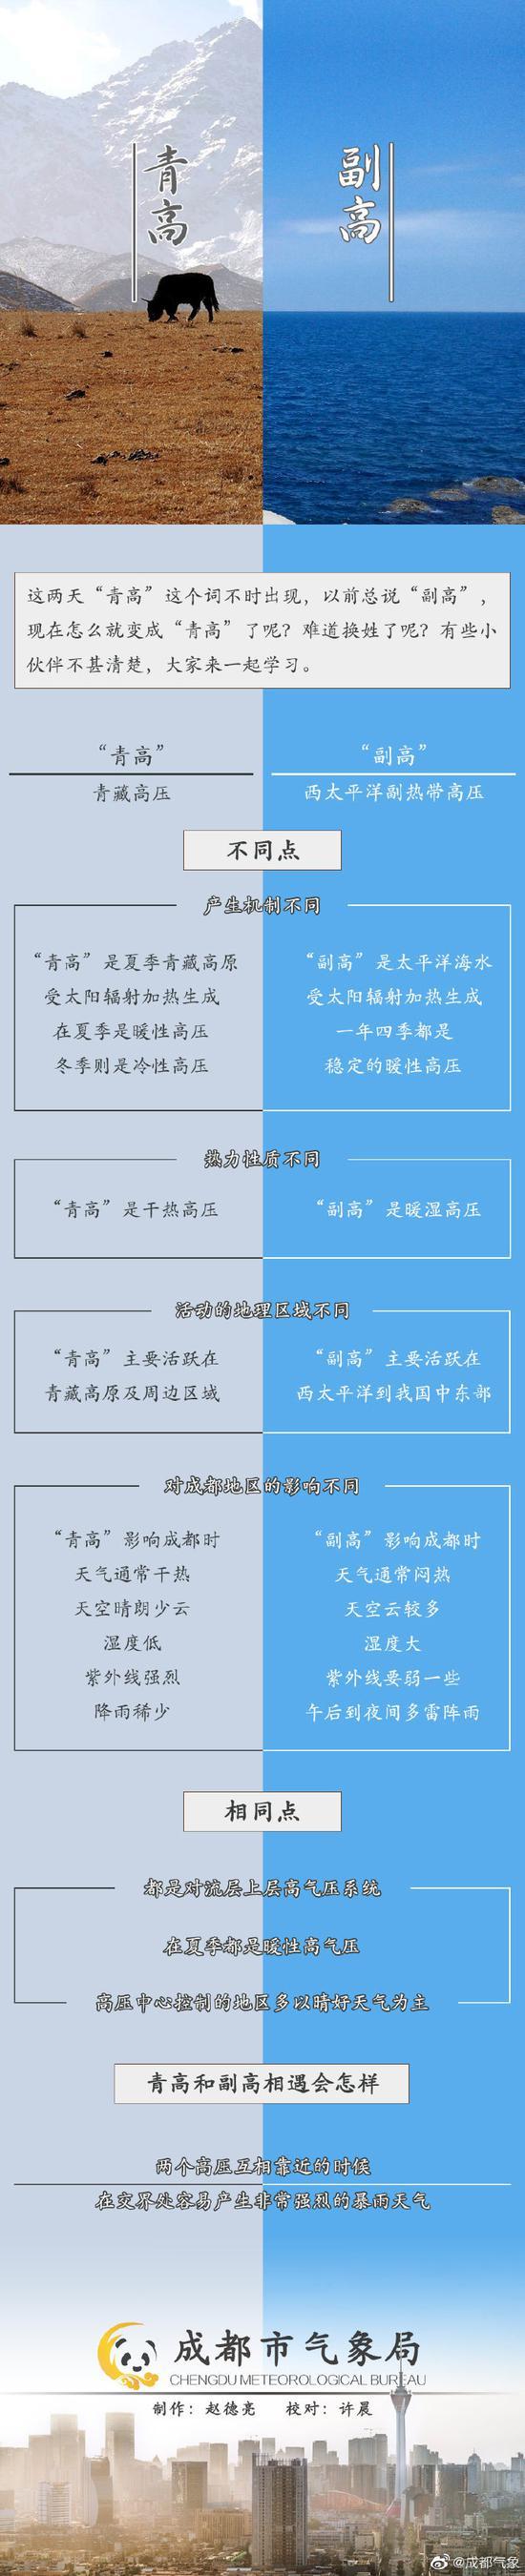 图据:@成都气象